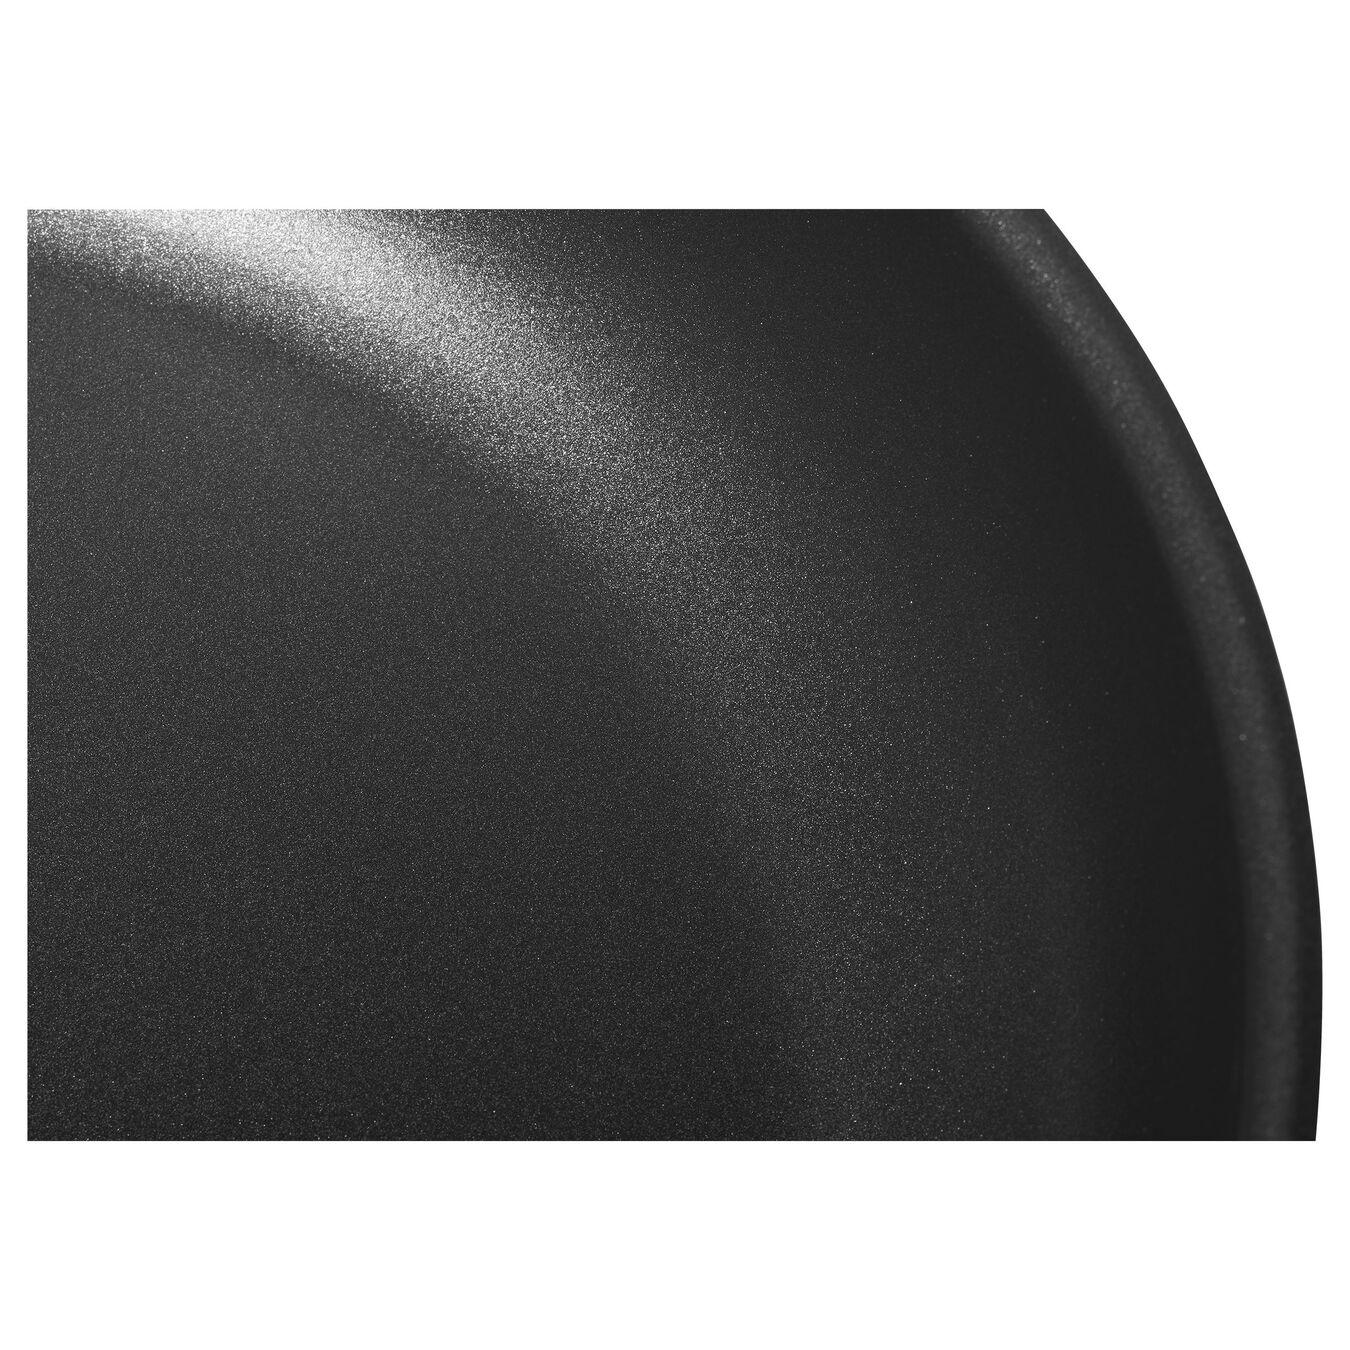 Poêle 28 cm, Acier inoxydable, Noir argenté,,large 2